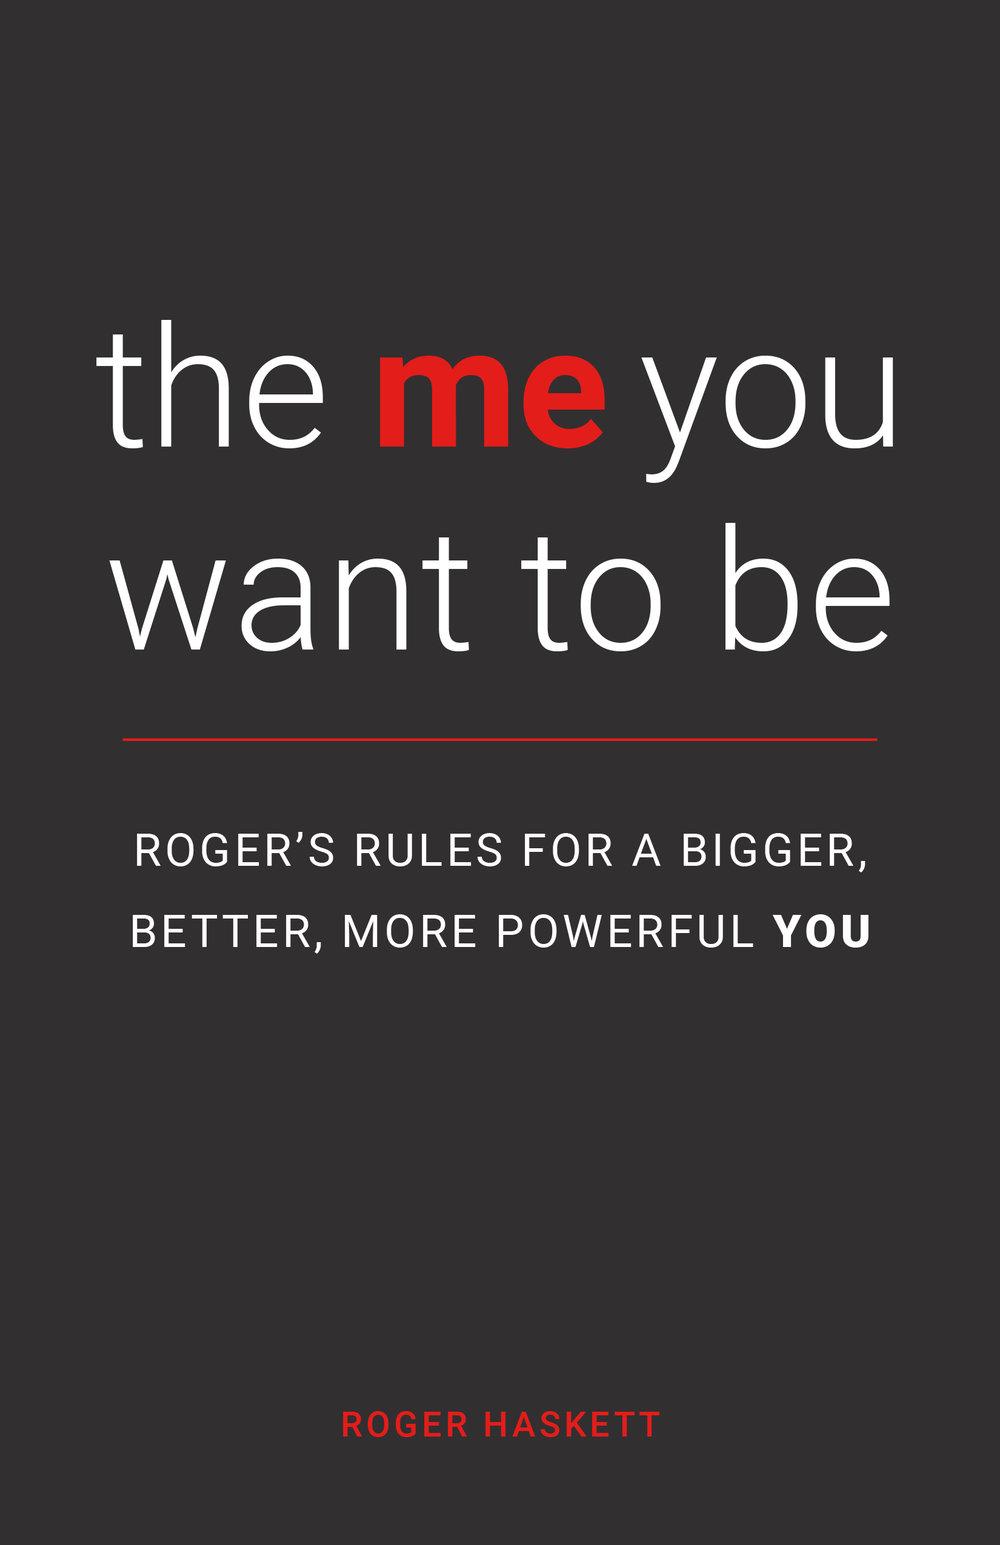 Roger-isocover.jpg